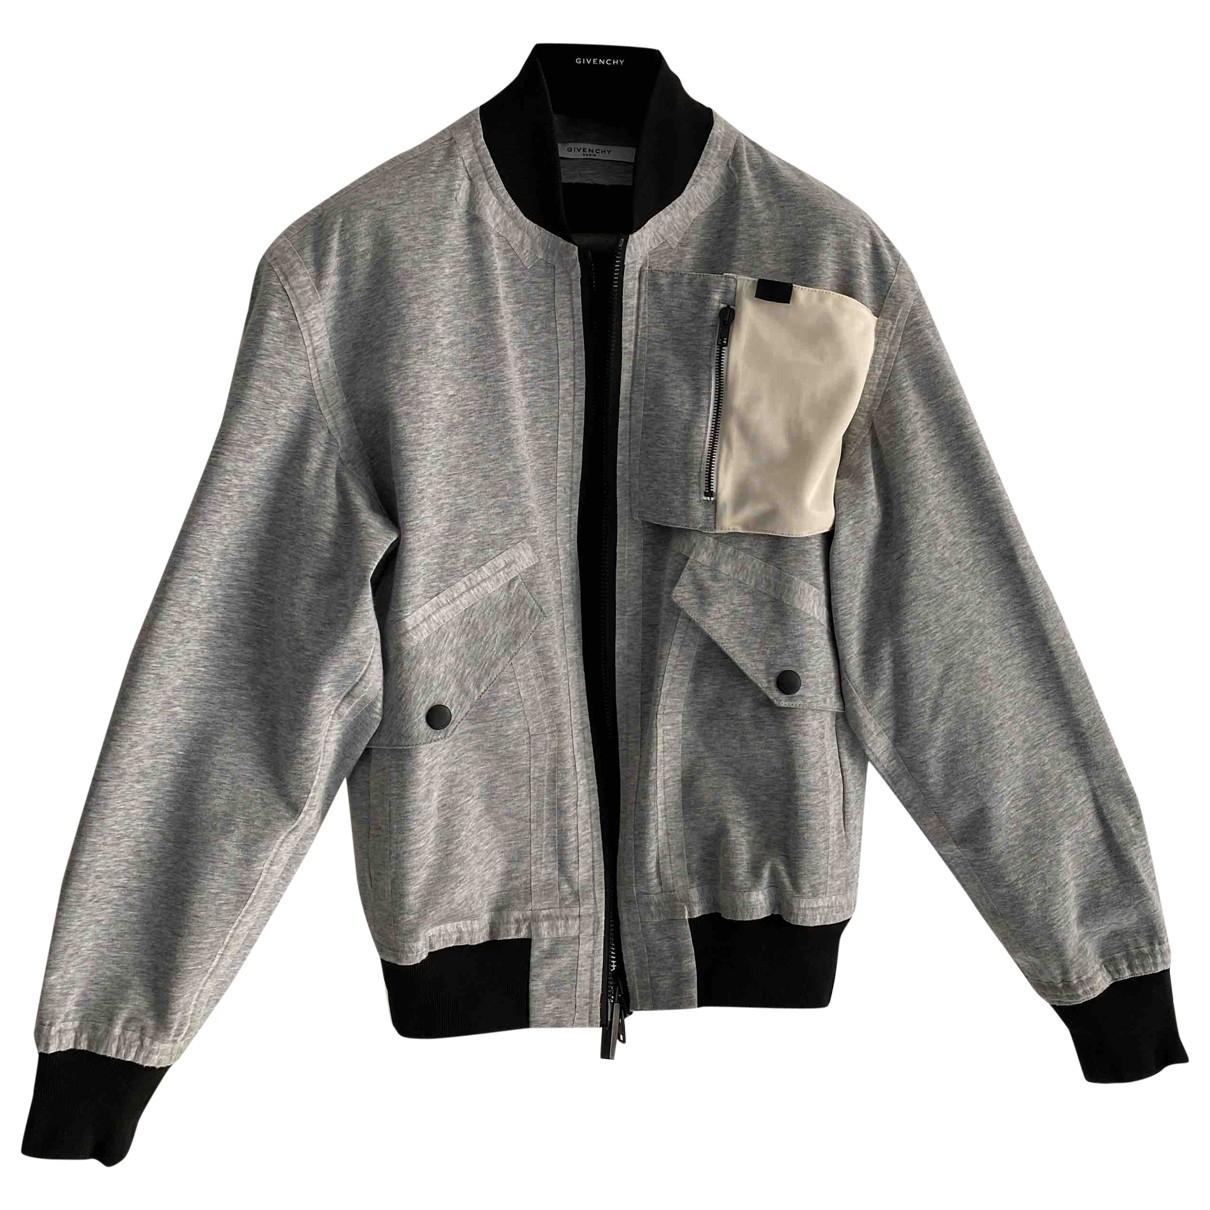 Givenchy \N Jacke in  Grau Baumwolle